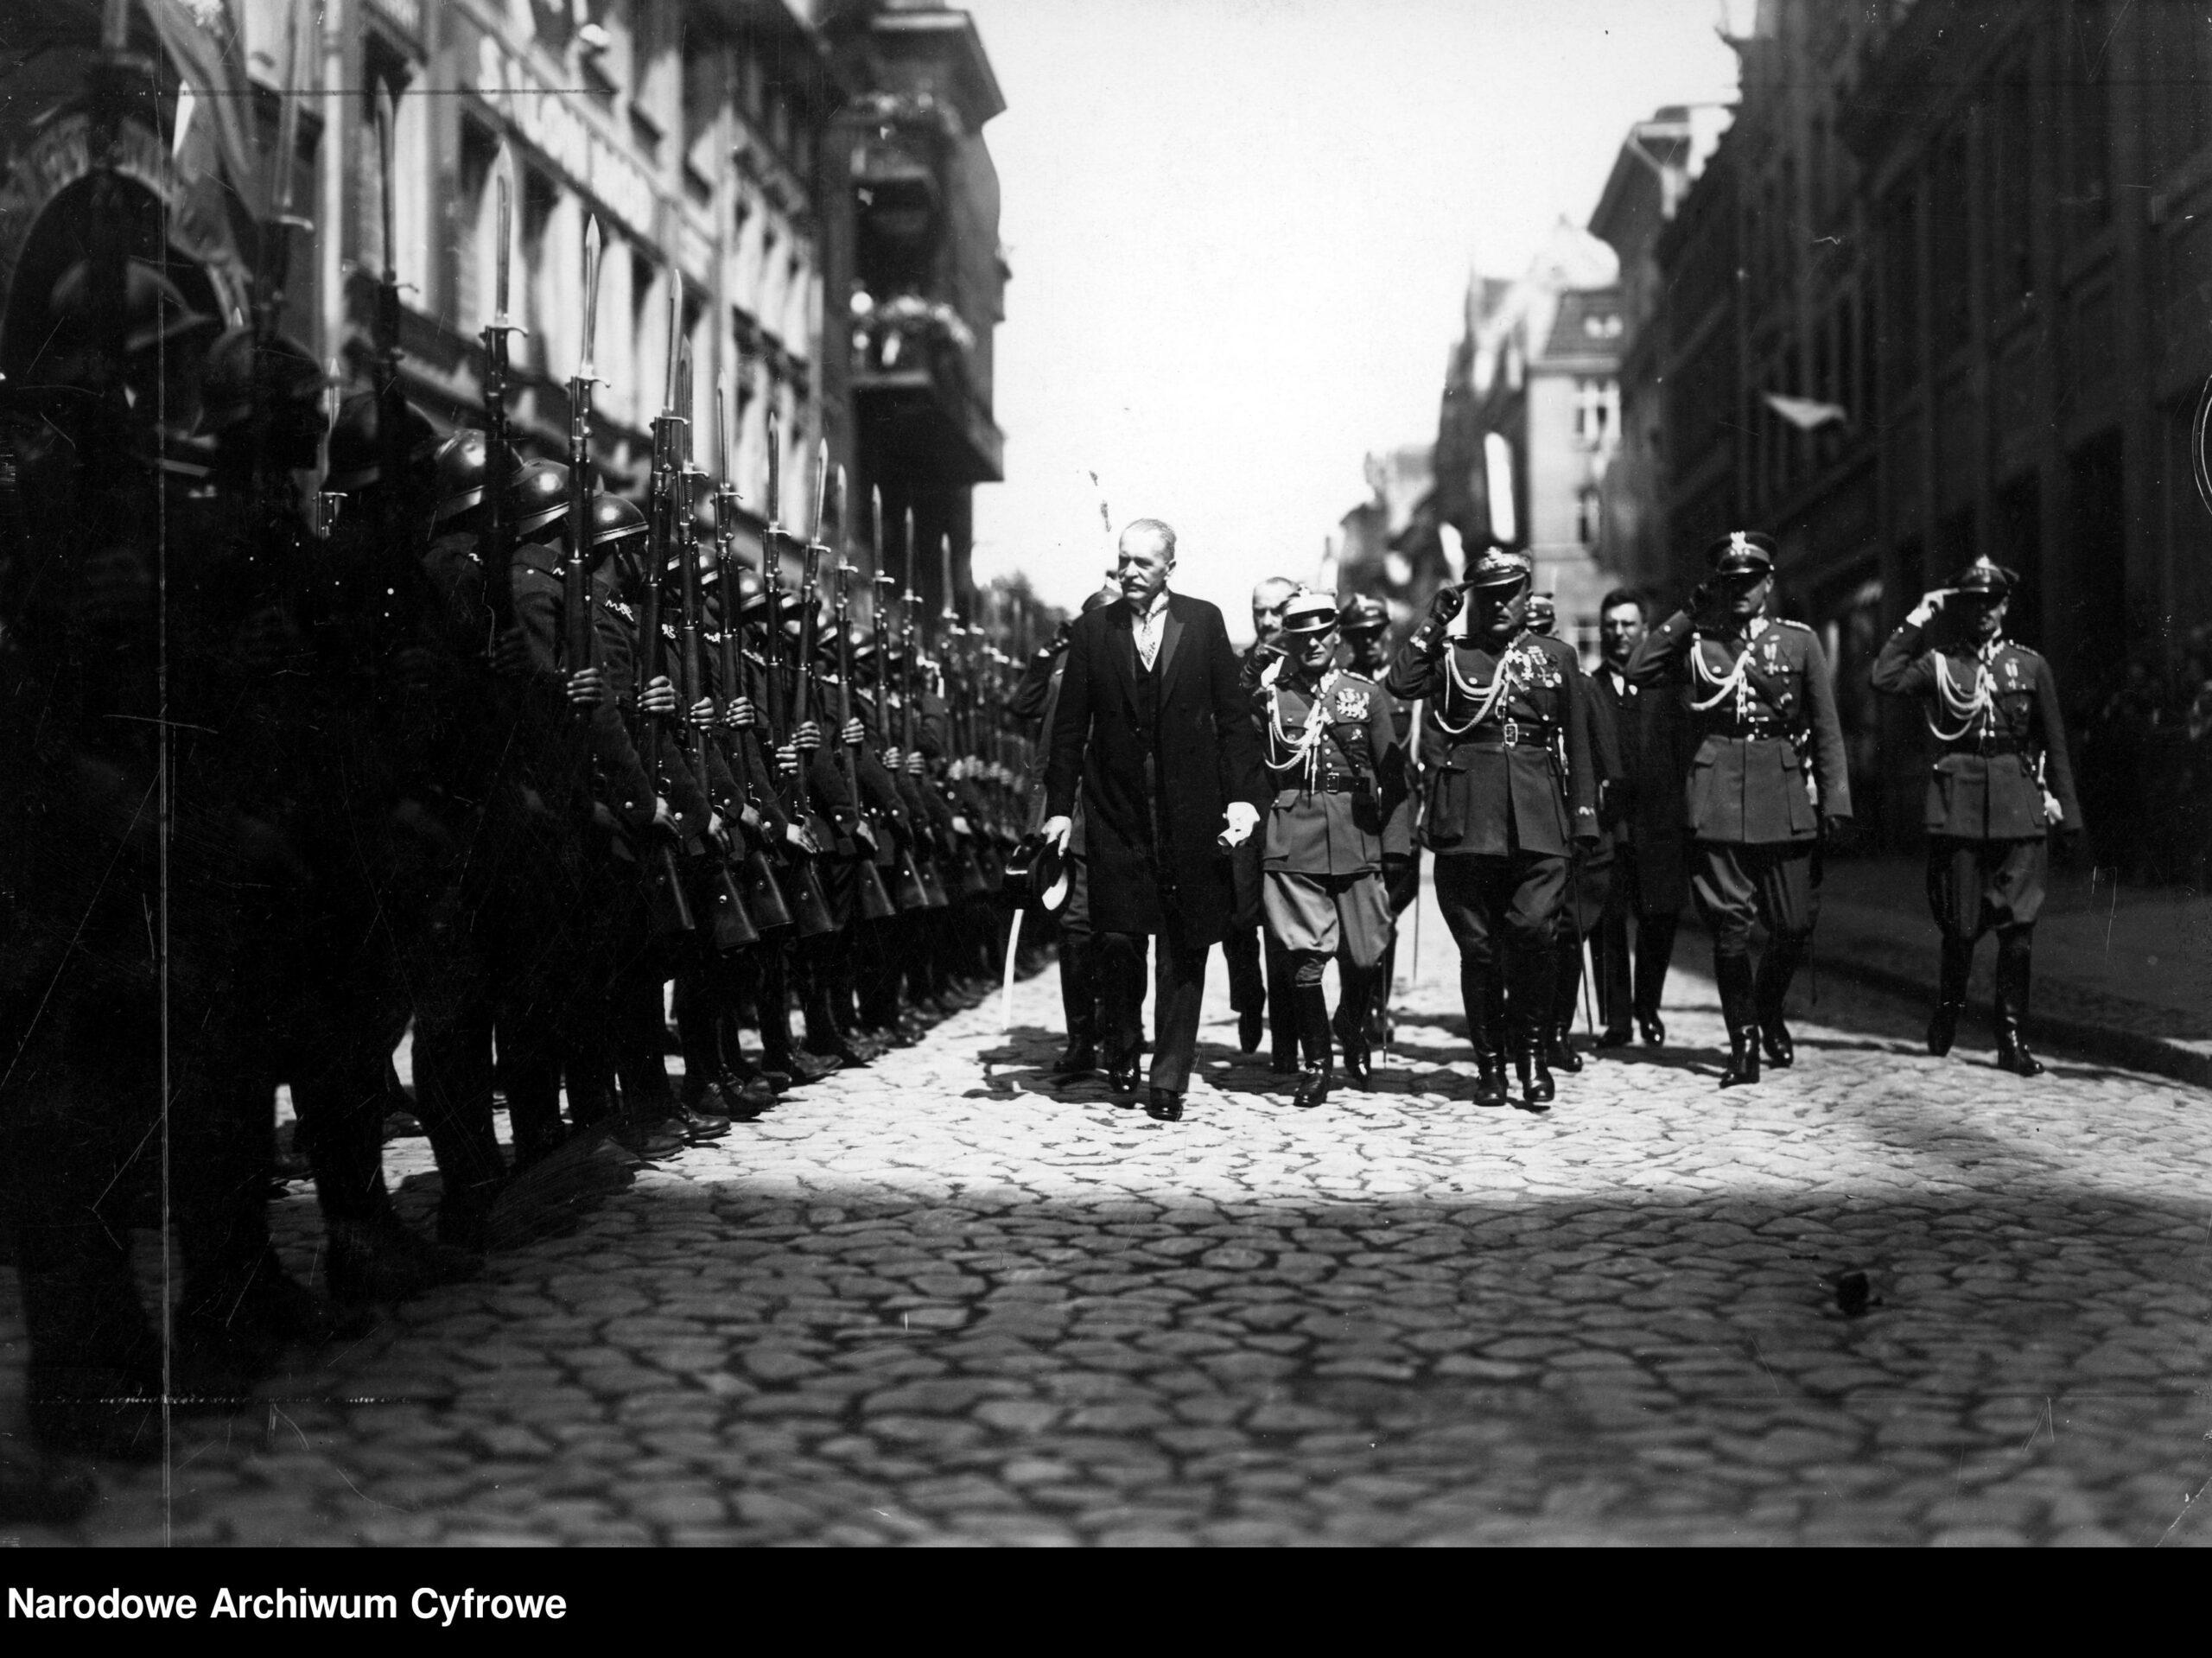 Prezydent RP Ignacy Mościcki przechodzi przed frontem kompanii honorowej (1927). Fot. H. Spychalski. Źródło: NAC (domena publiczna)